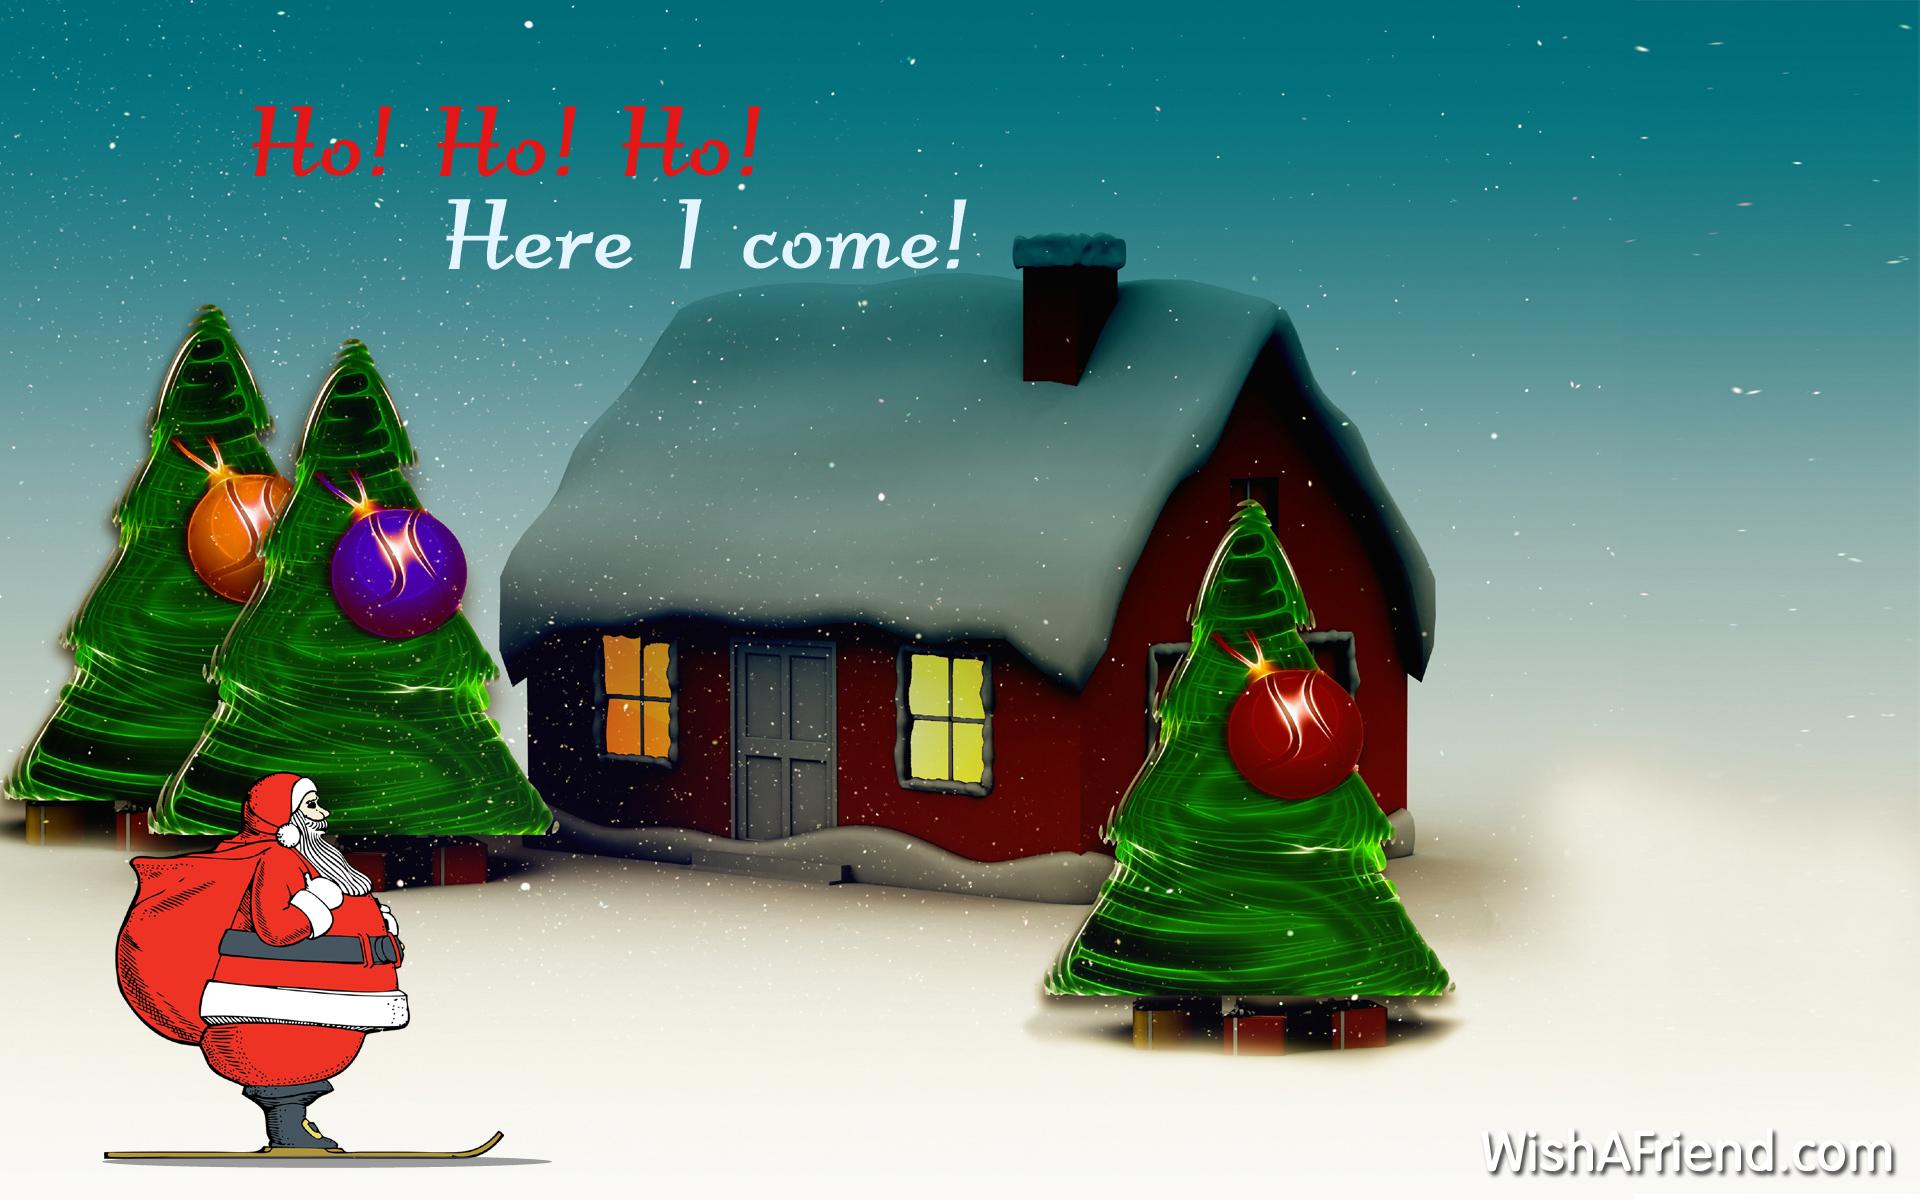 Ho! Ho! Ho! Here I